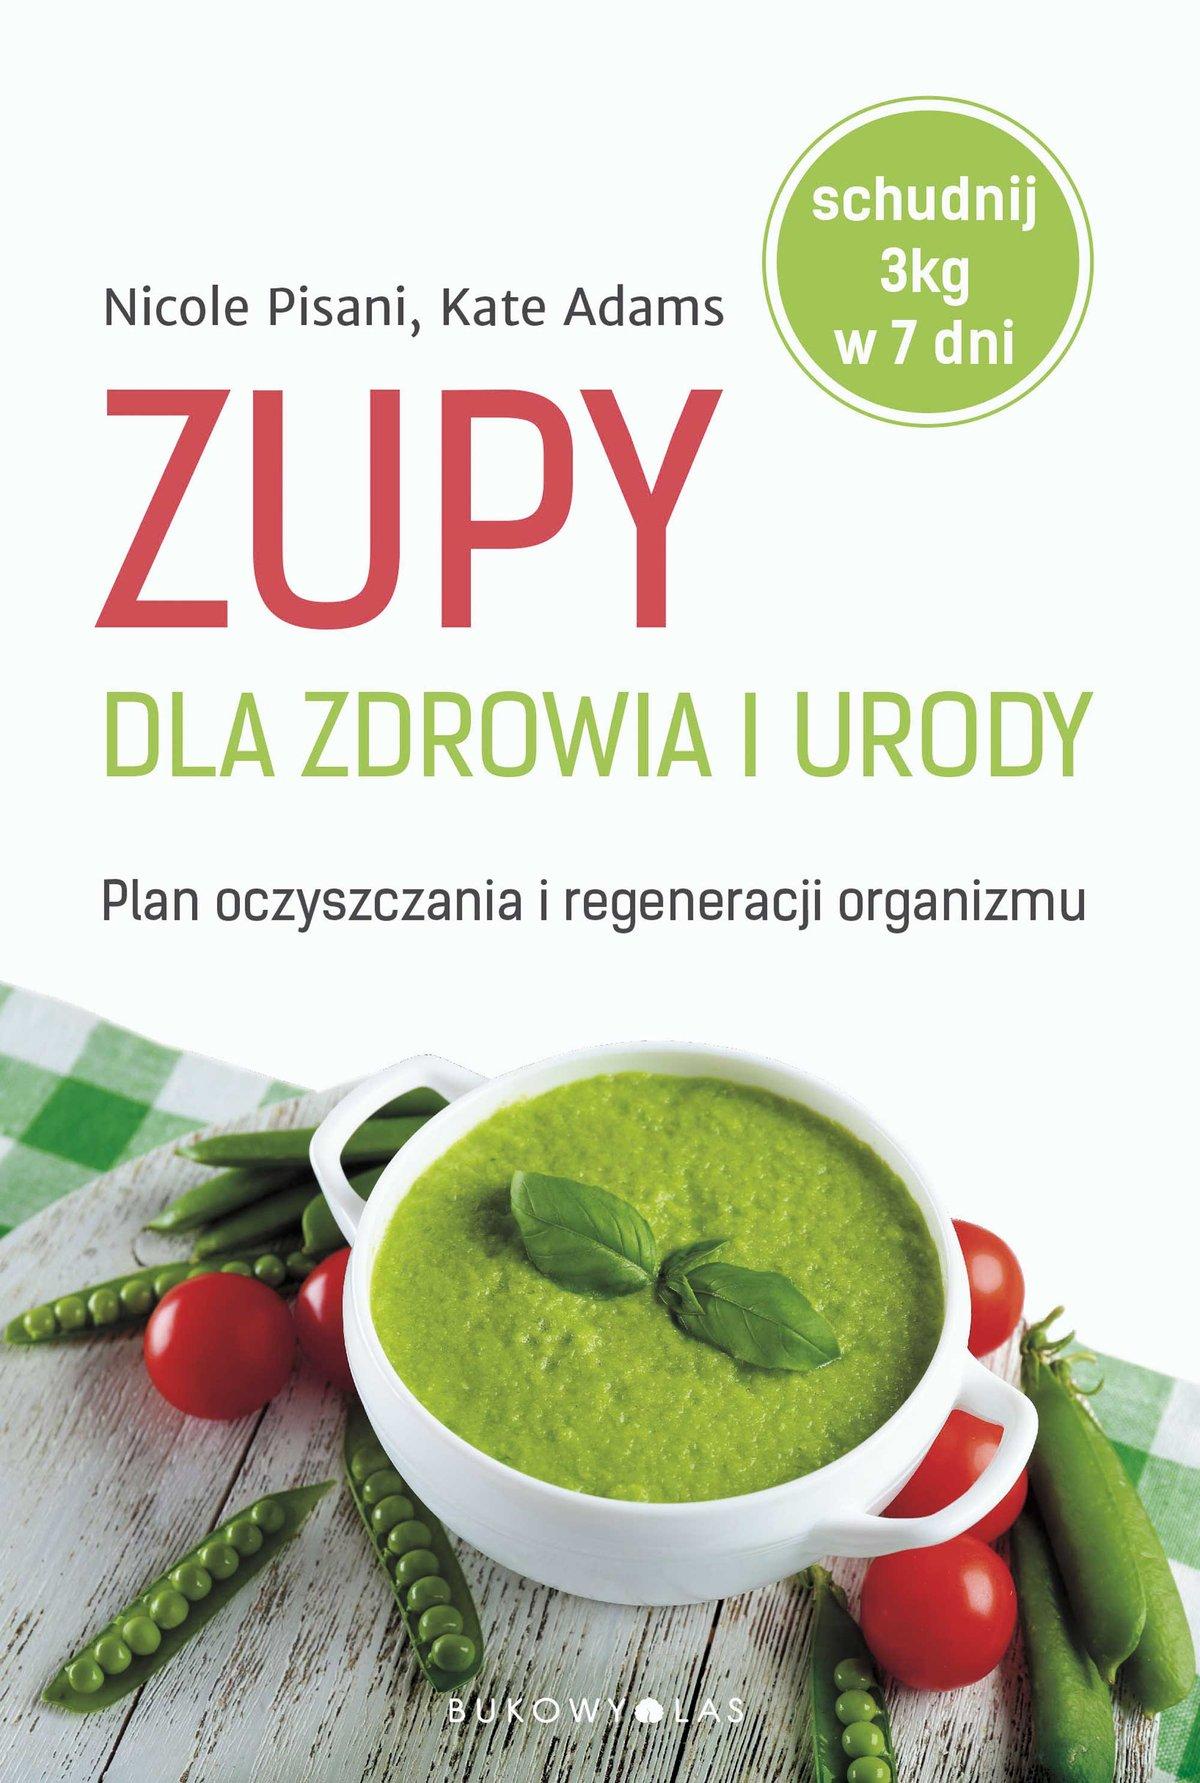 Zupy dla zdrowia i urody - Ebook (Książka EPUB) do pobrania w formacie EPUB